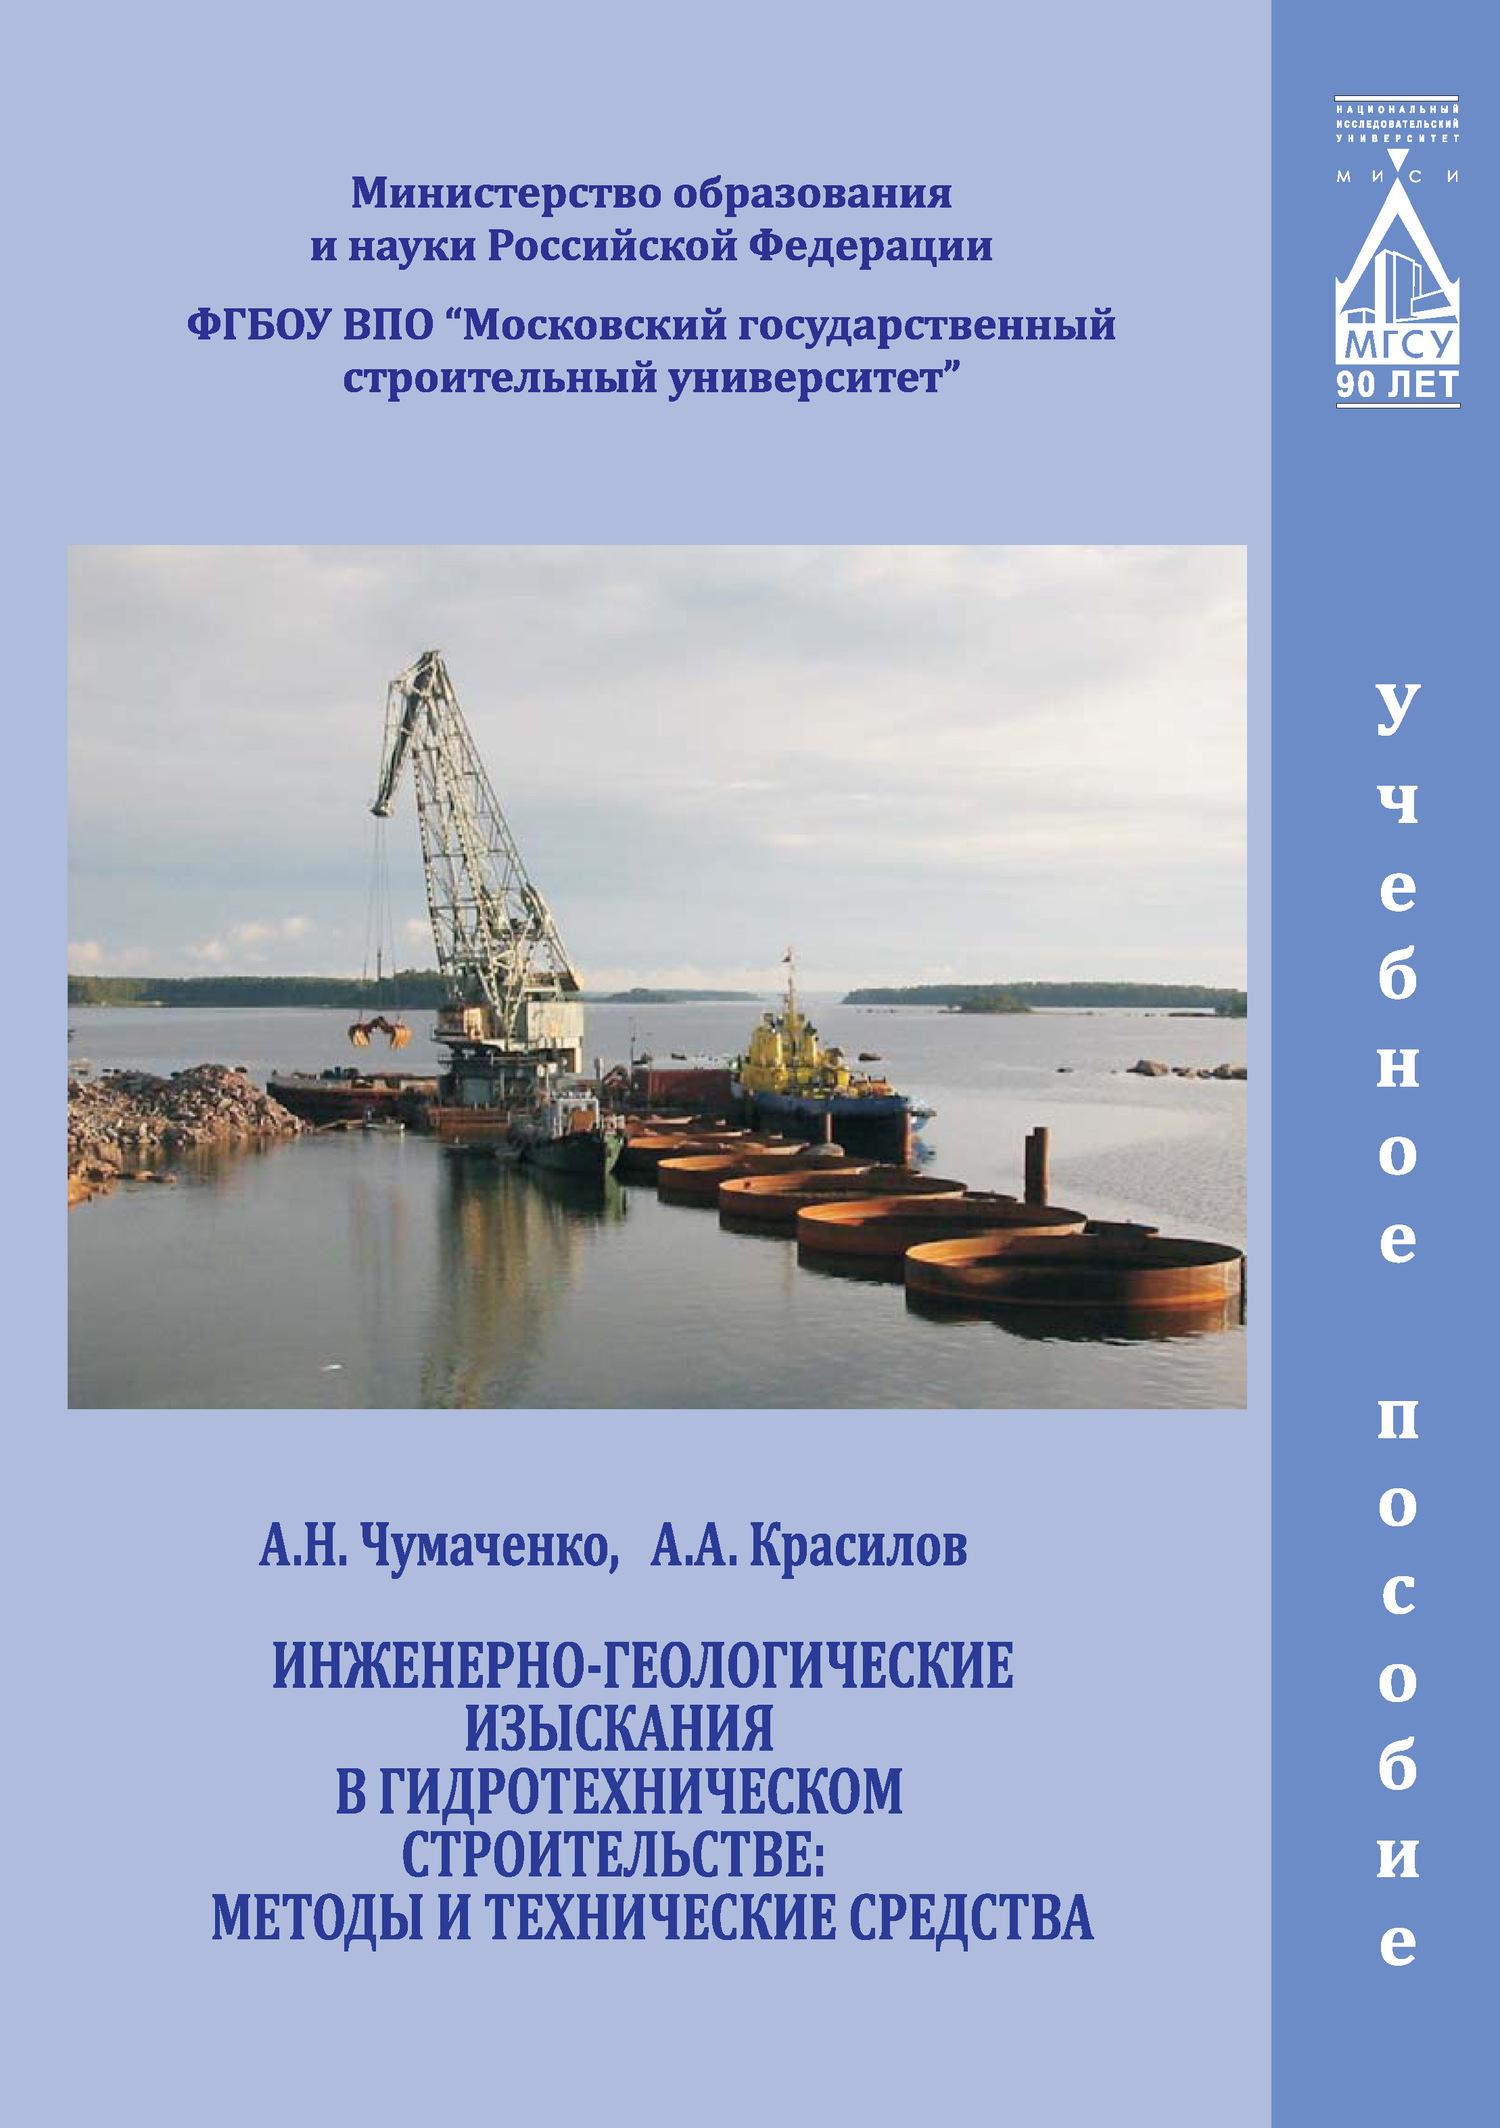 А. А. Красилов Инженерно-геологические изыскания в гидротехническом строительстве: методы и технические средства